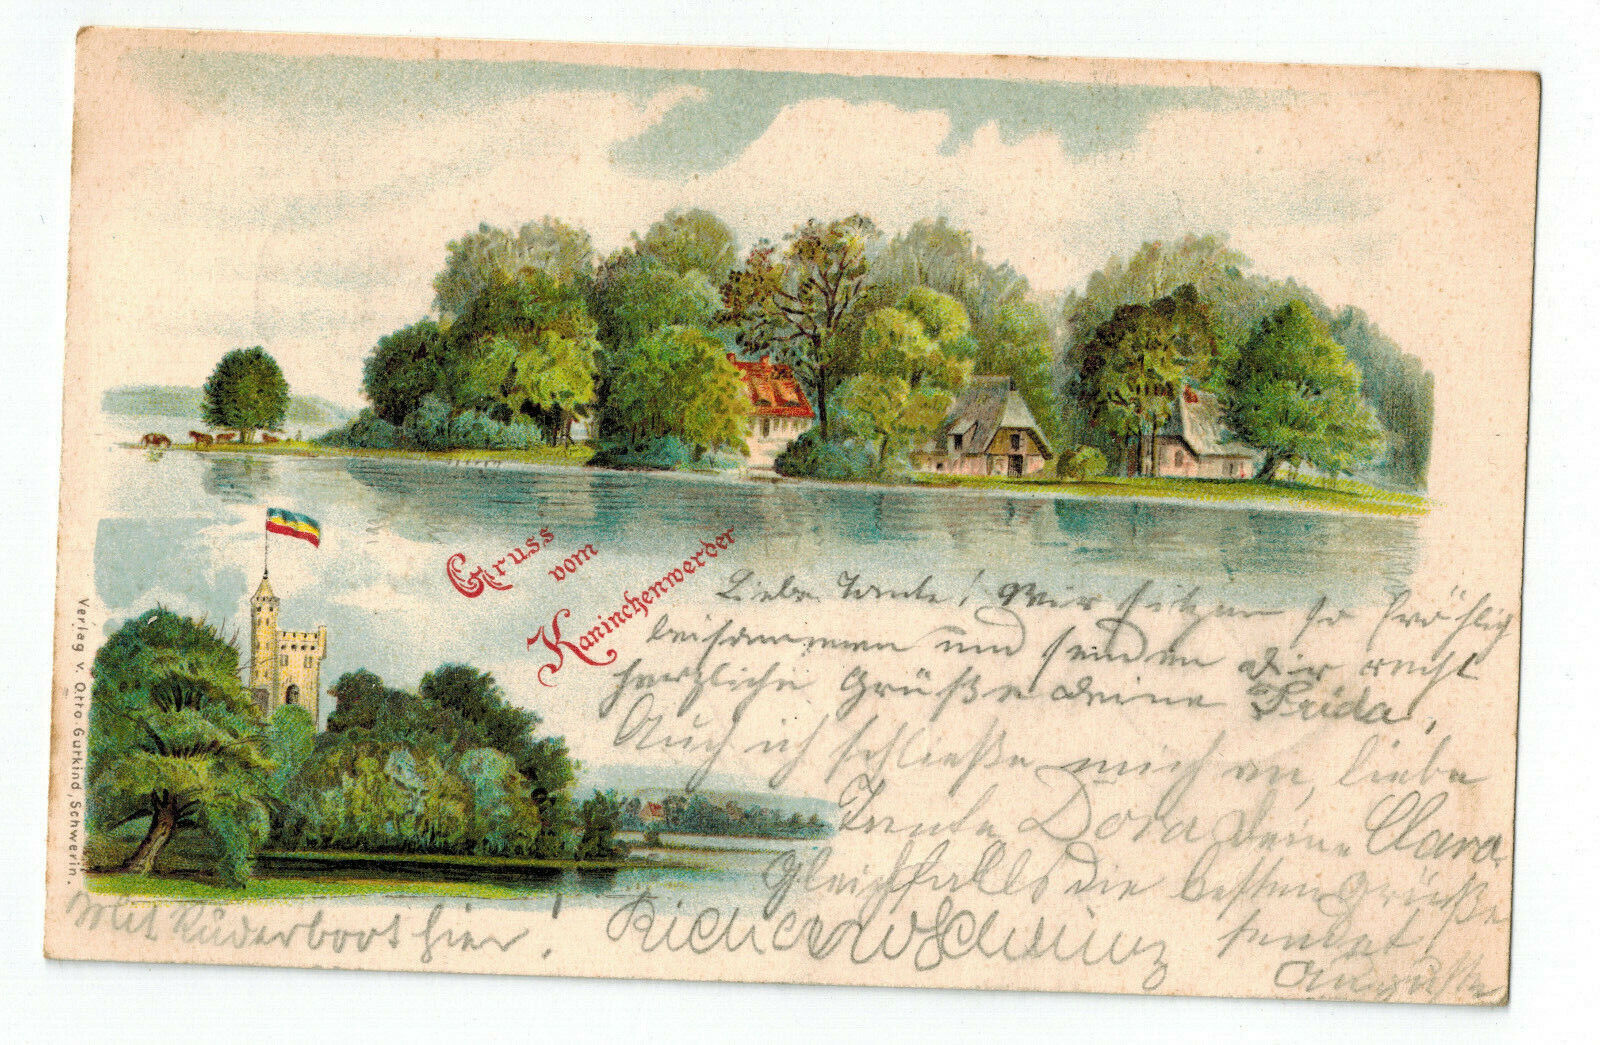 Ansichtskarte, Kaninchenwerder, Schwerin,1900